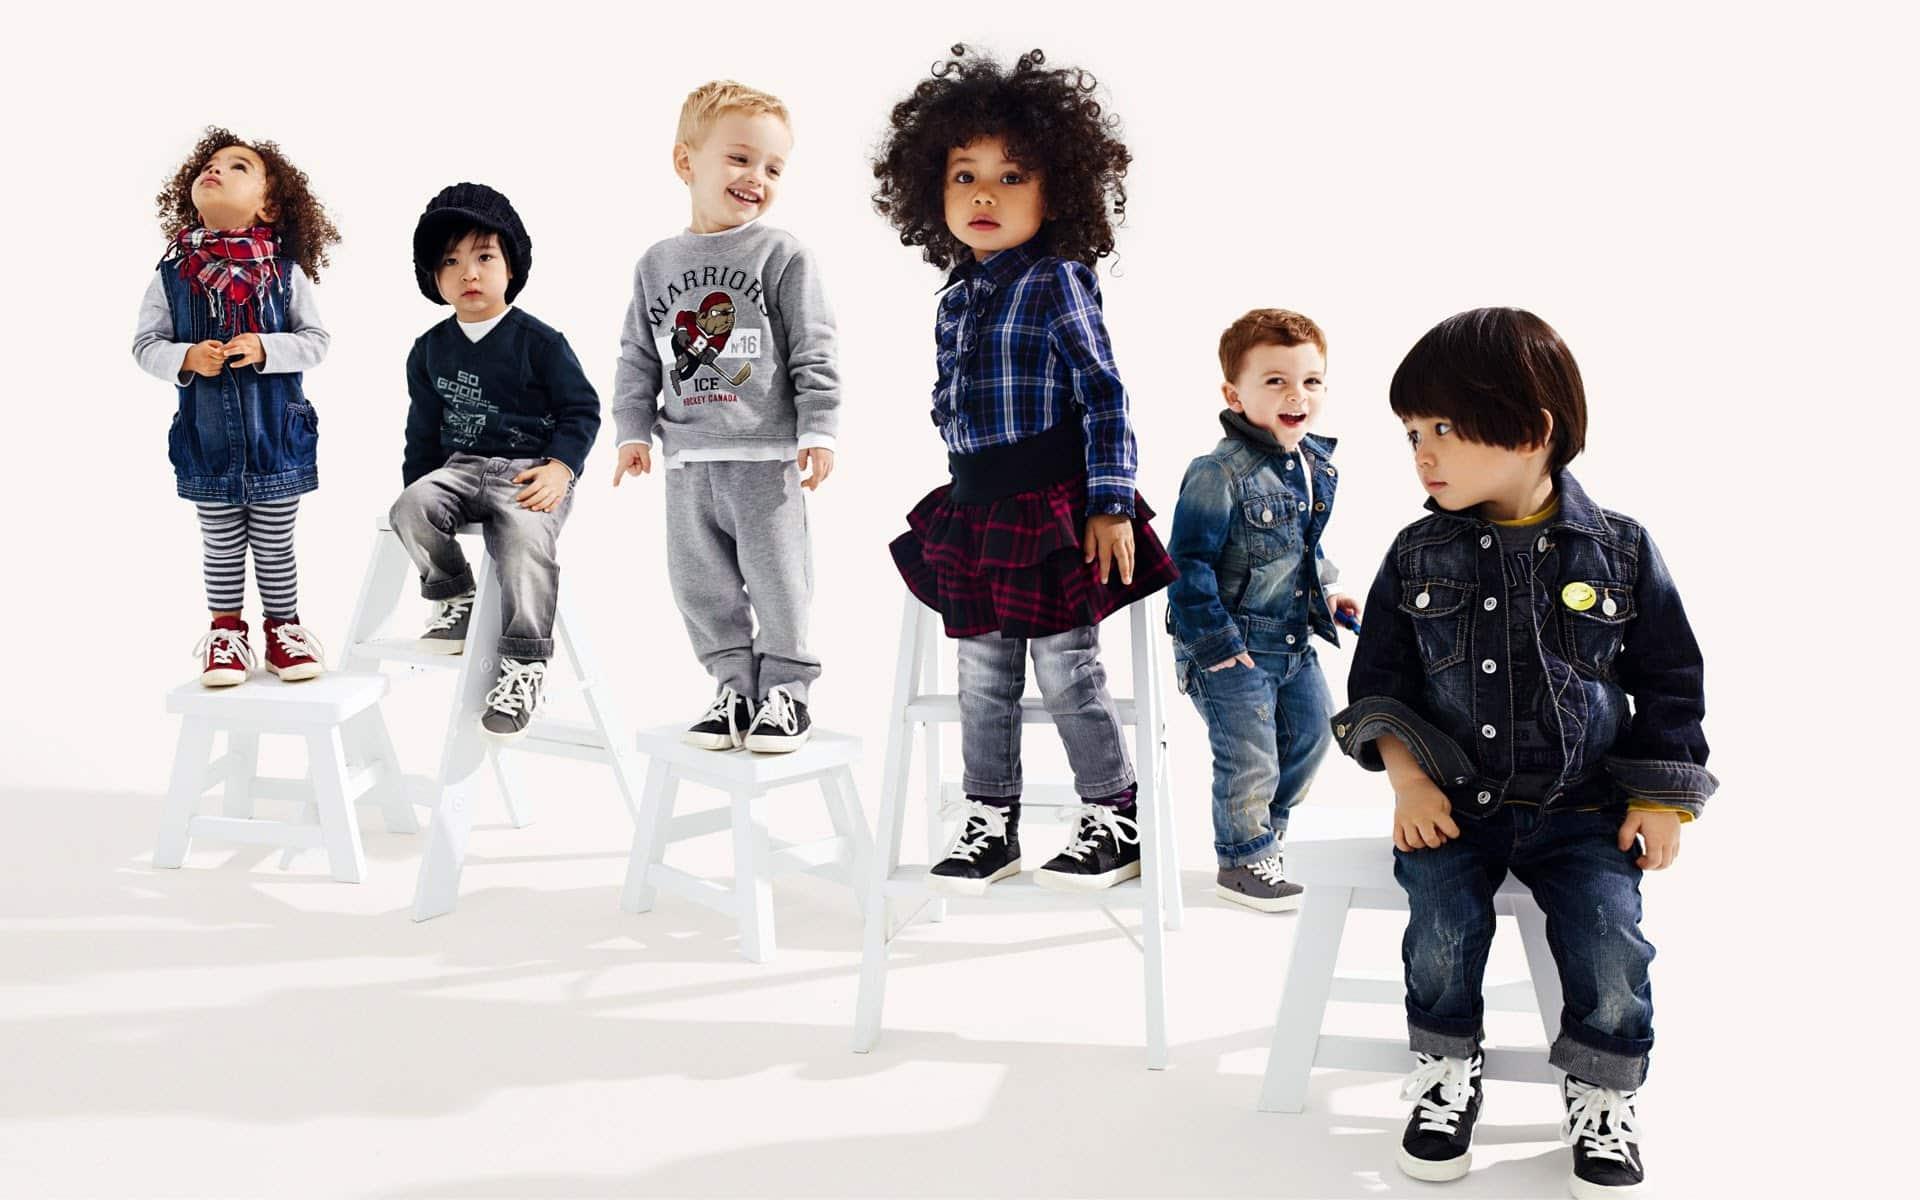 صور تصميمات ترنجات شتوى للأولاد رائعة